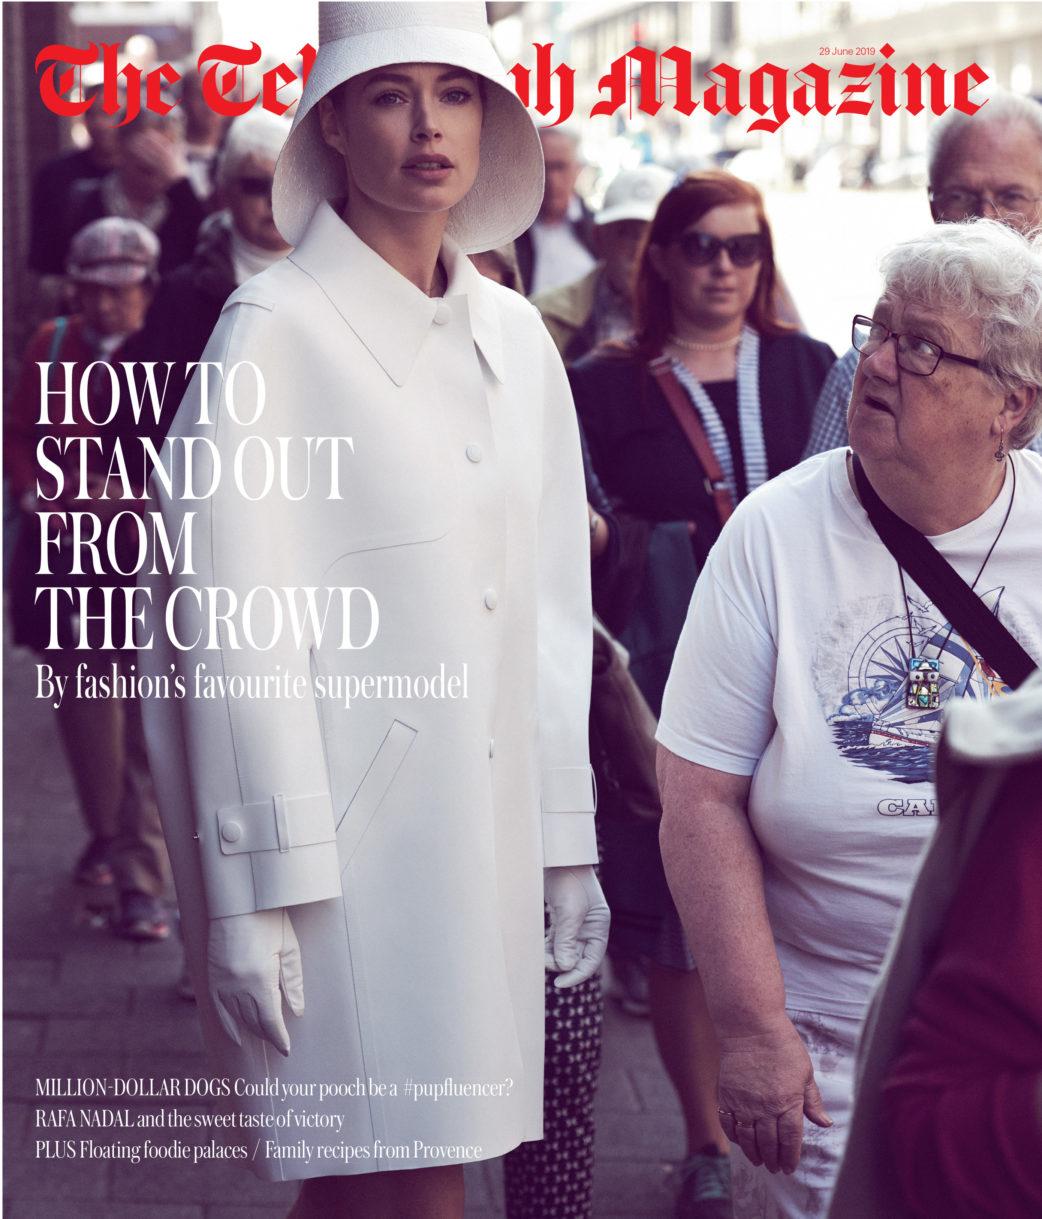 DOUTZENCOVERDaily Telegraph Magazine_29-06-2019_Main_1st_p1